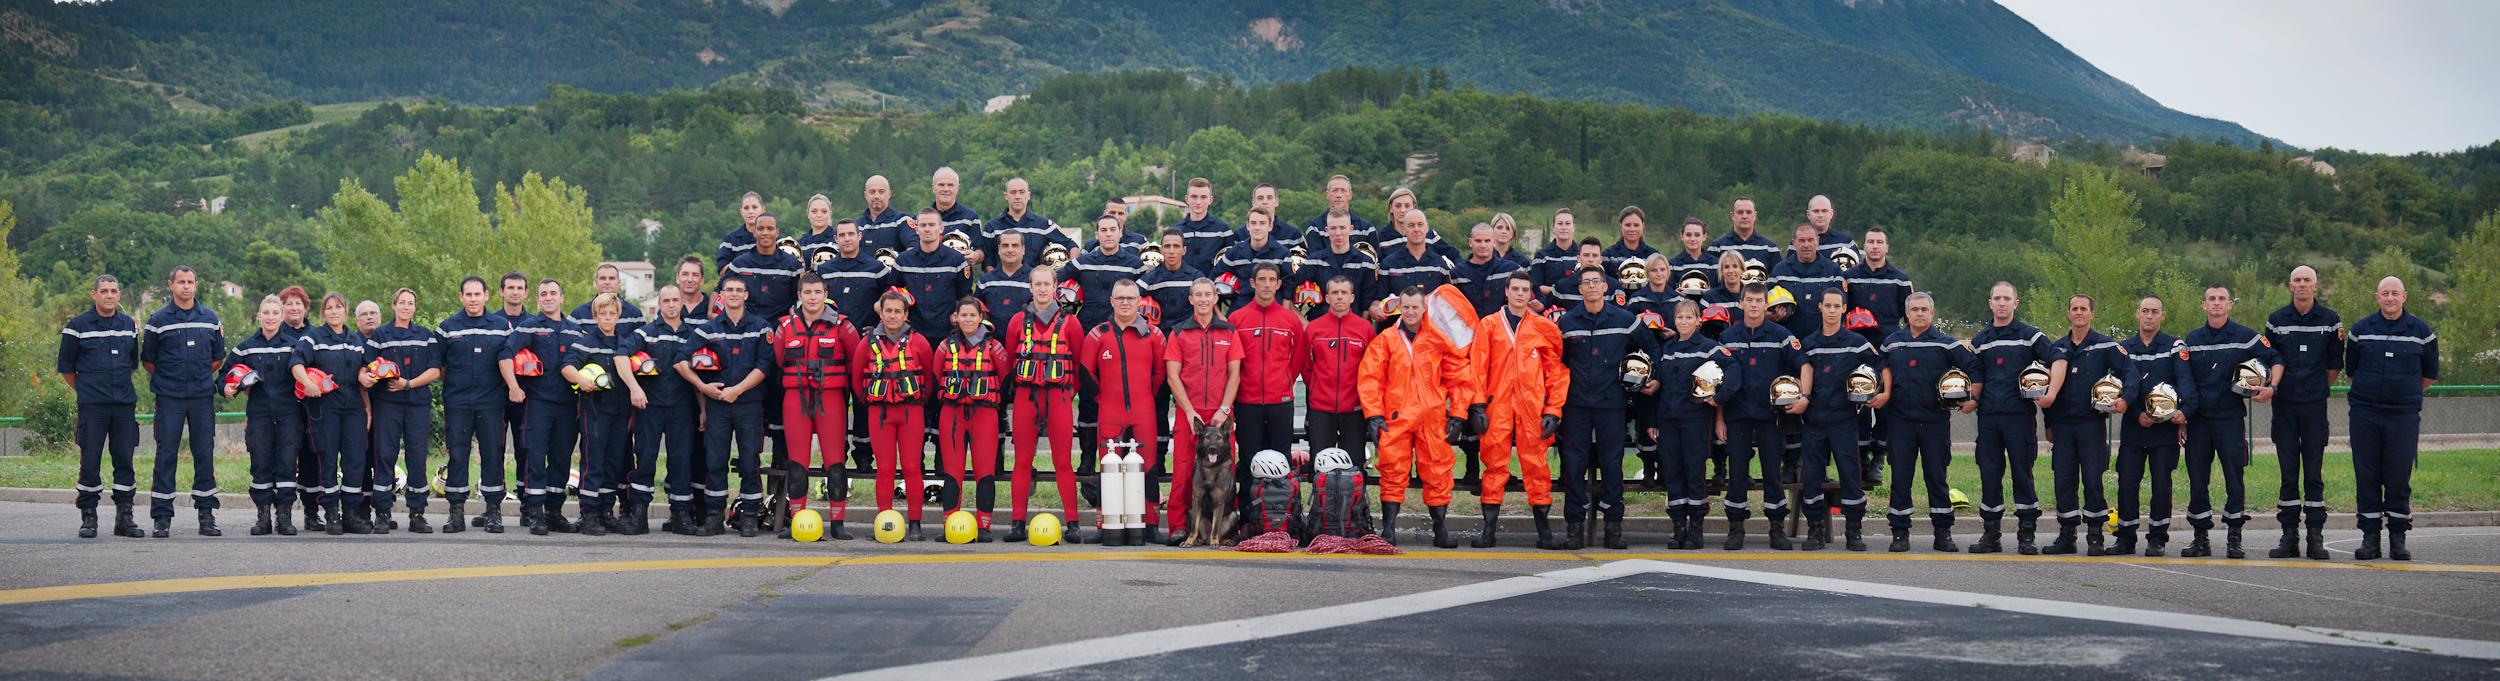 Sapeurs-pompiers de Digne-les-Bains